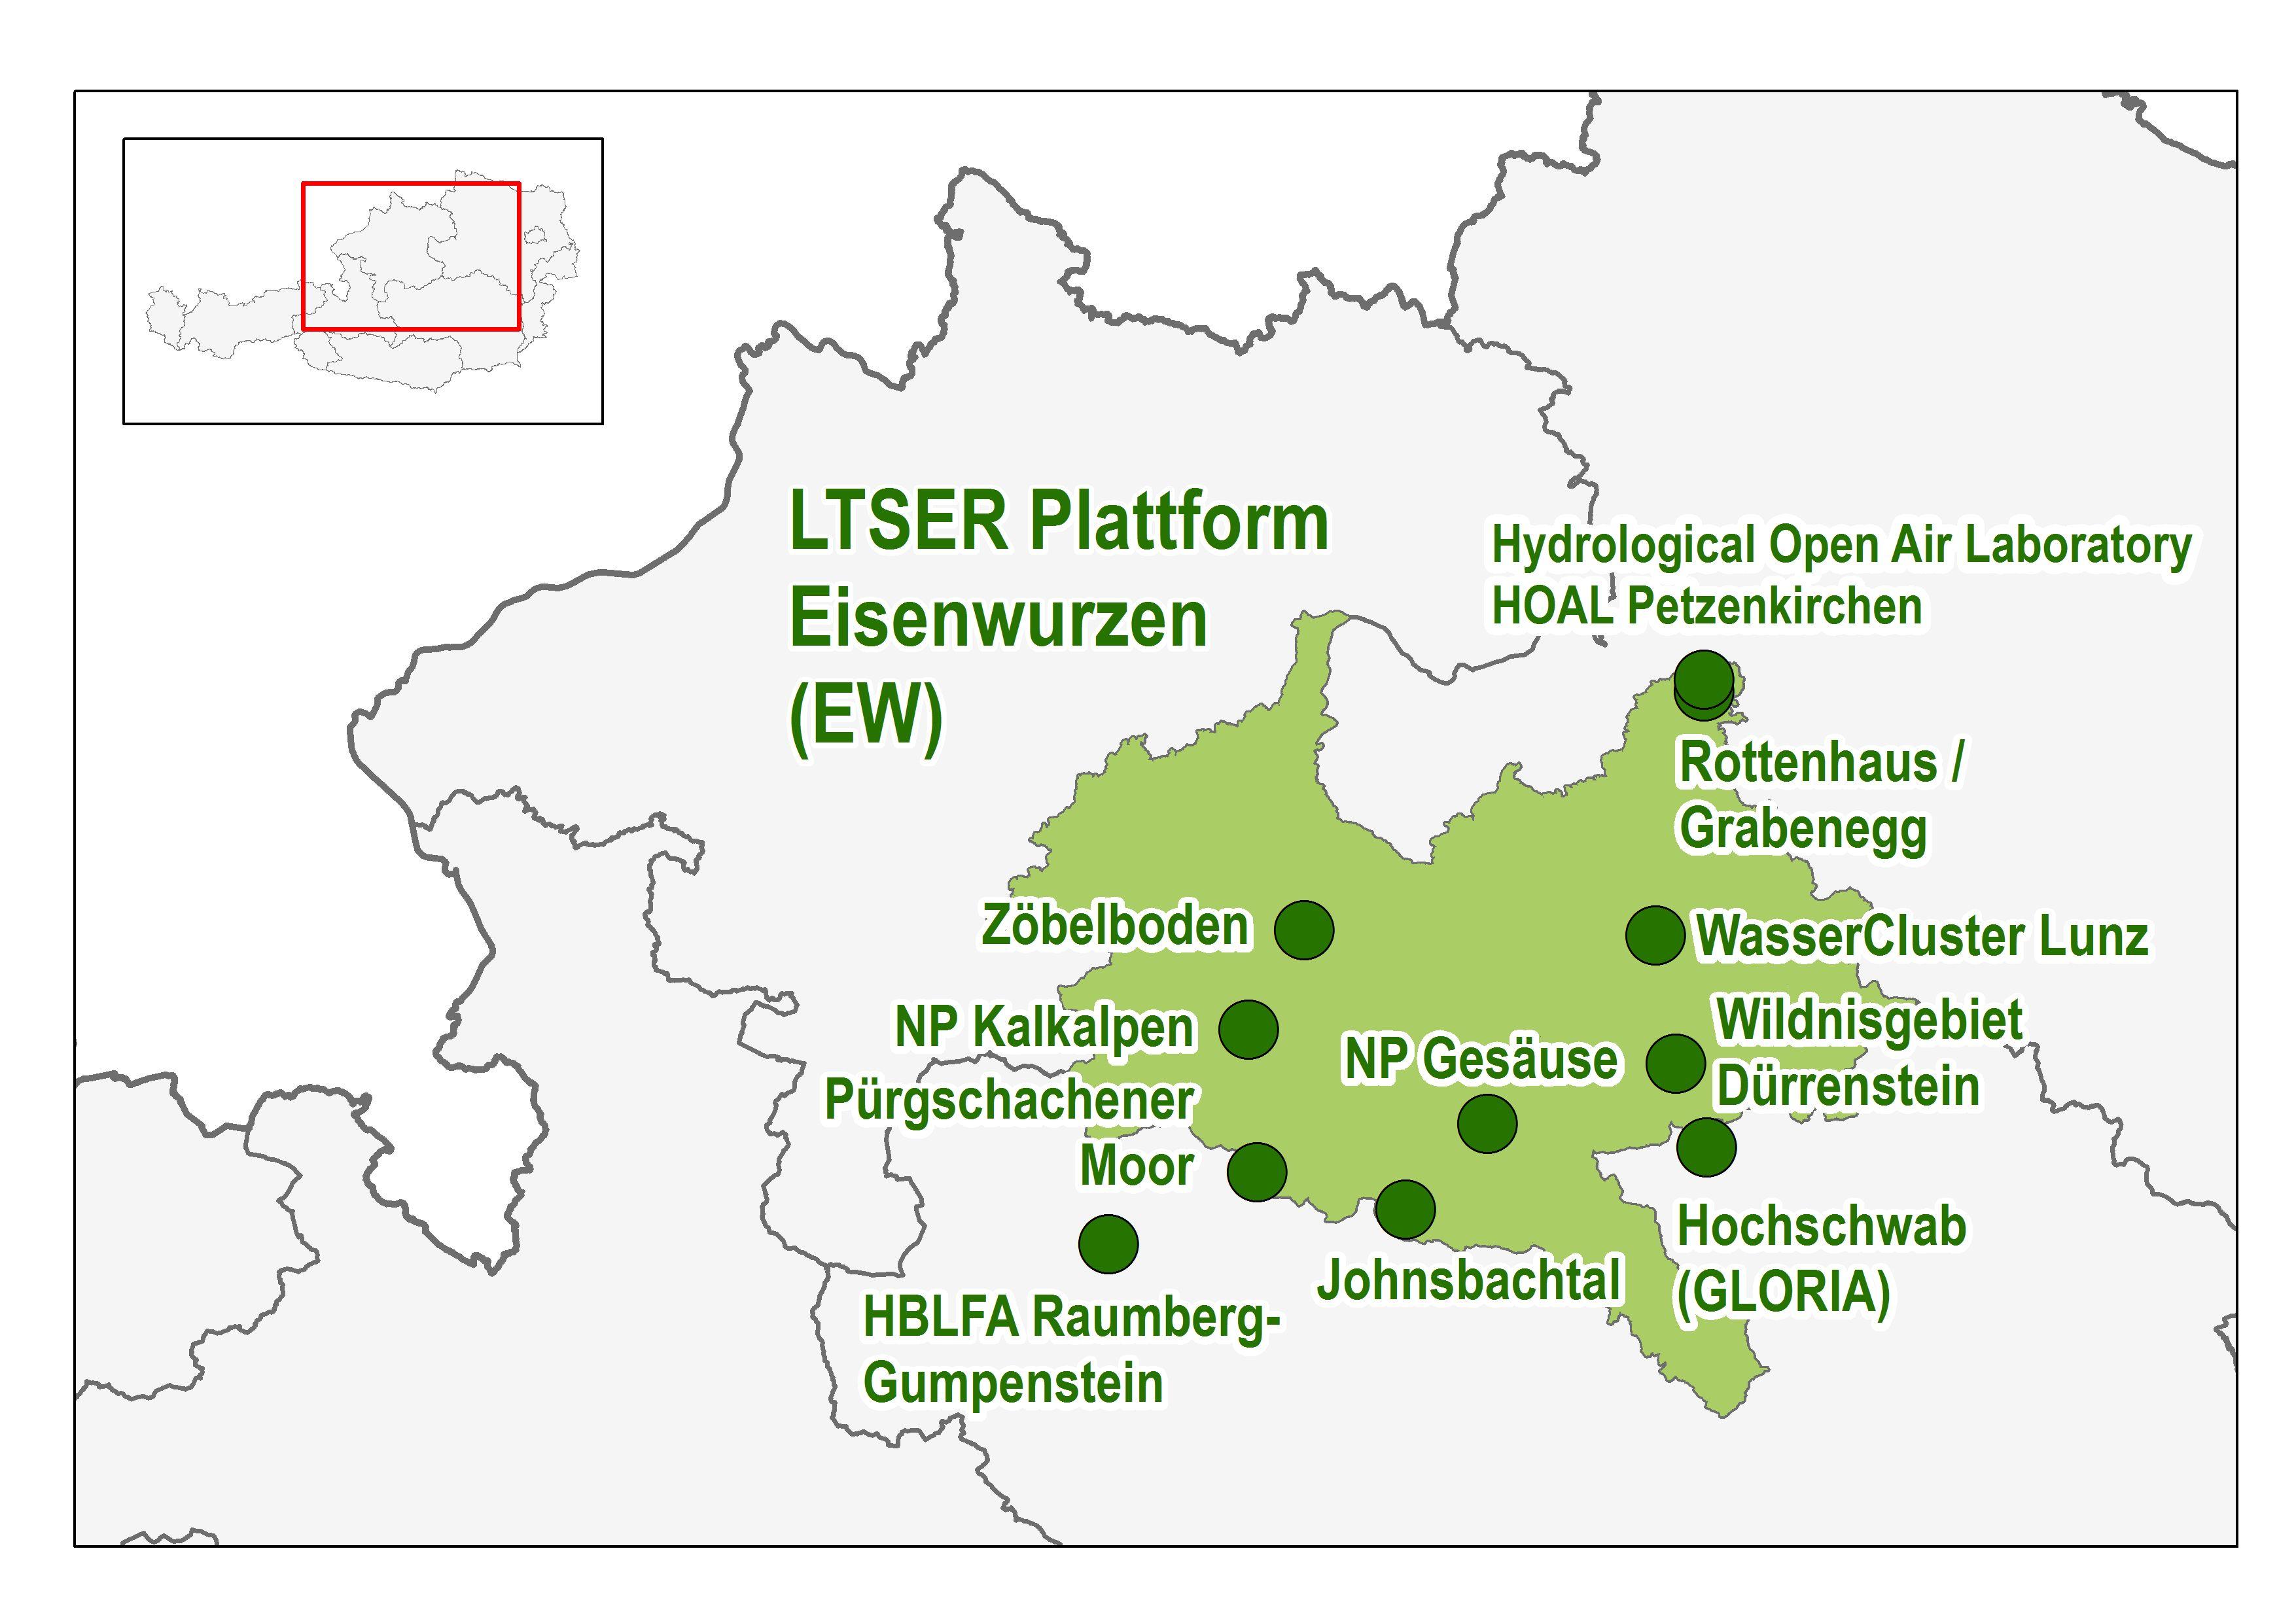 Die LTER Standorte in der LTSER Plattform Eisenwurzen © Umweltbundesamt